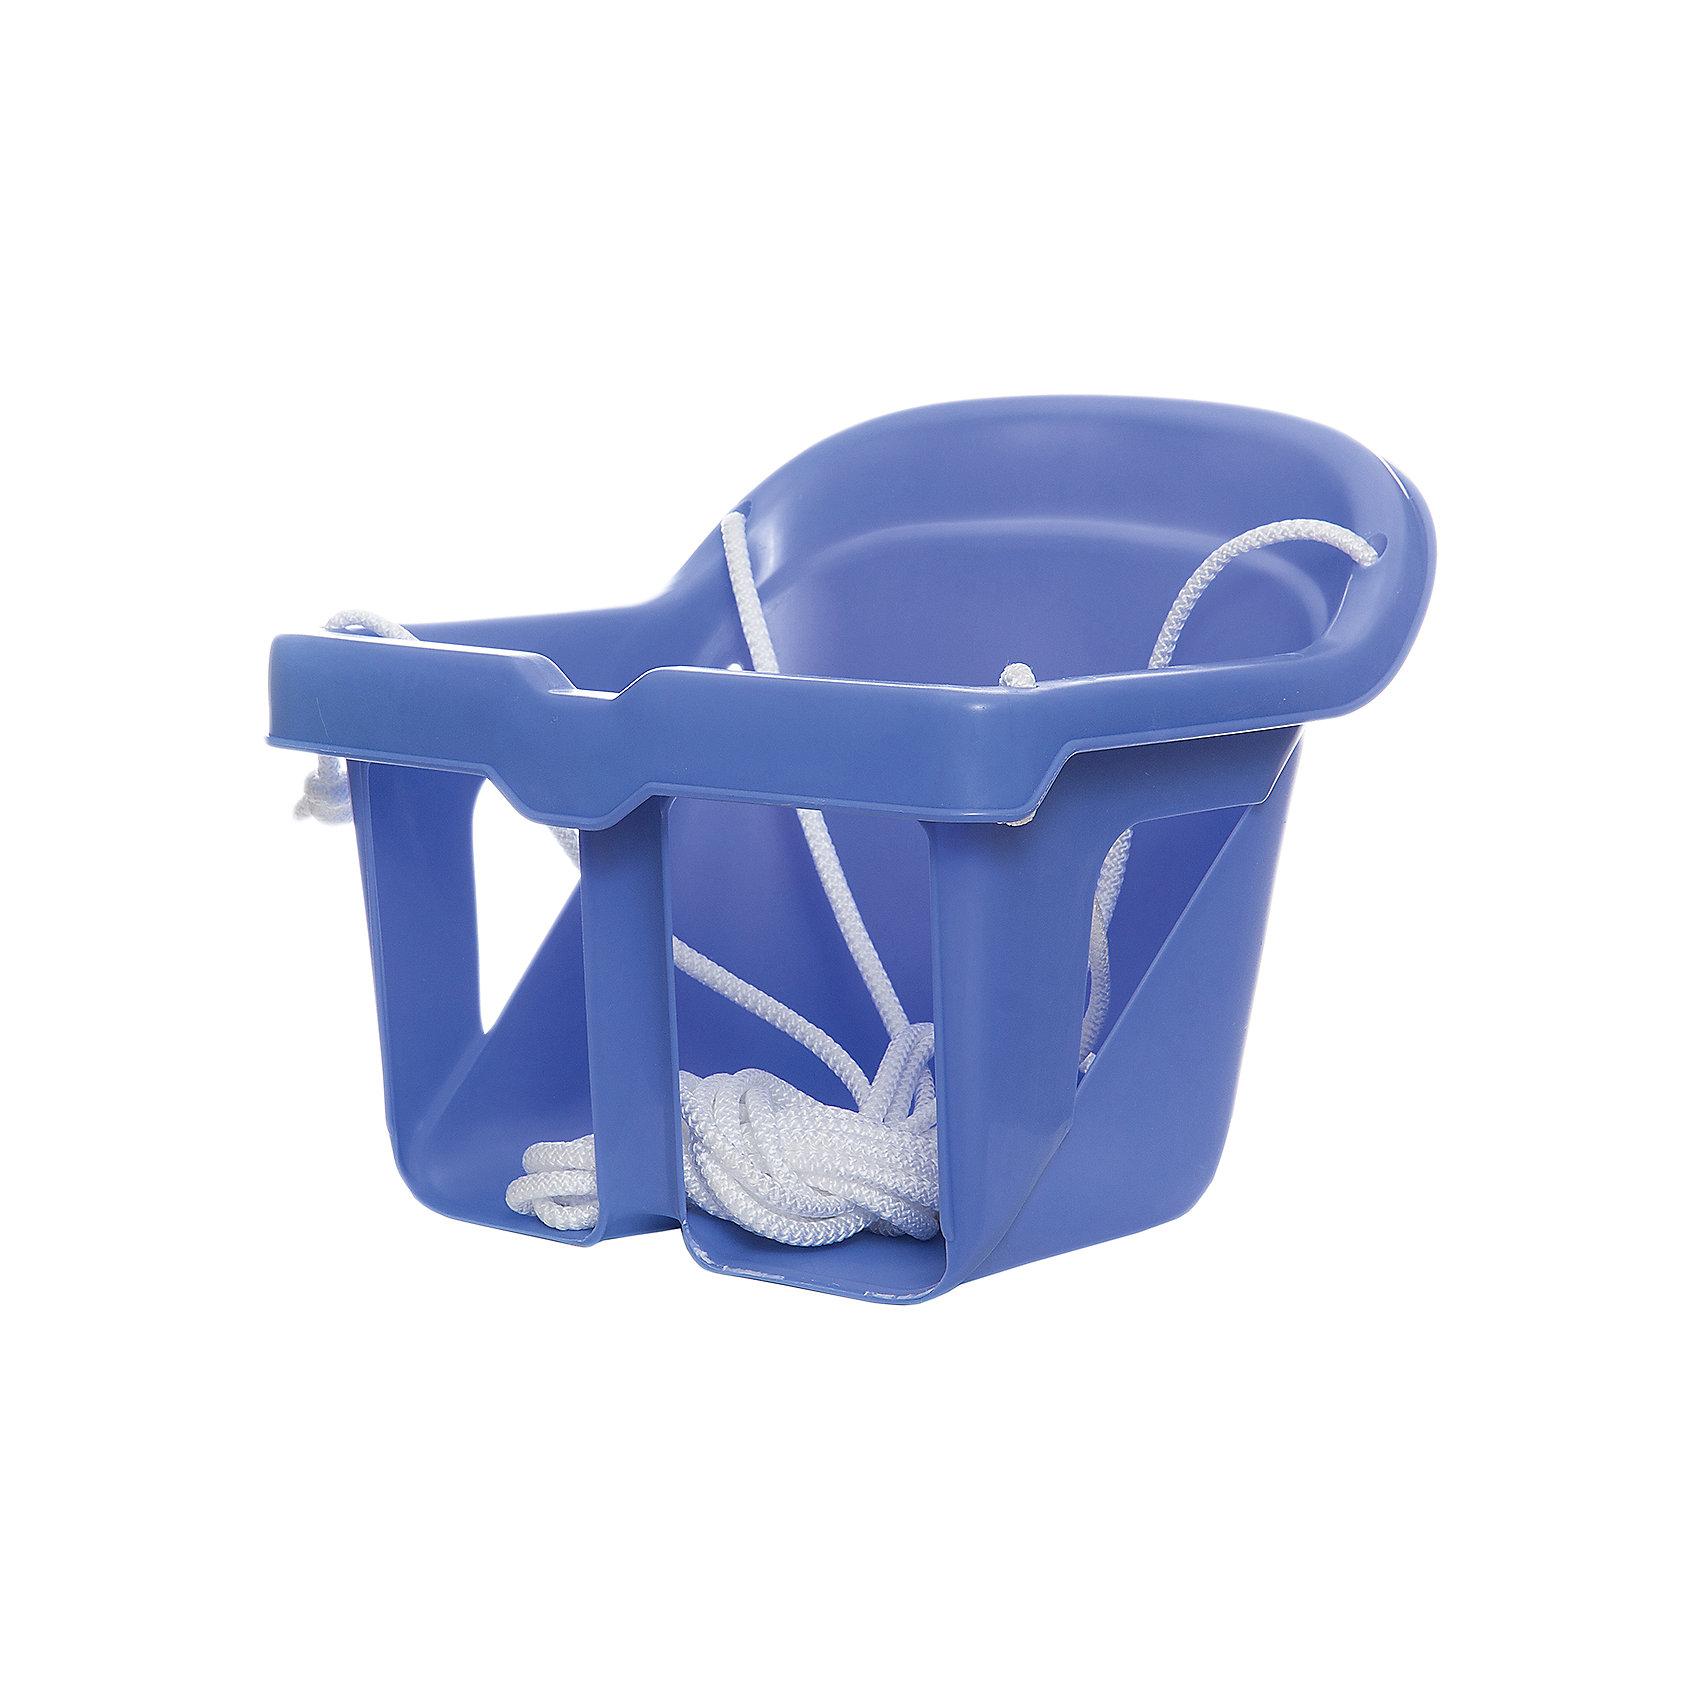 Качели литые для малышей, КАССОН, фиолетовыйКачели напольные и подвесные<br>Характеристики товара:<br><br>• возраст: от 1 года;<br>• максимальная нагрузка: 15 кг;<br>• в комплекте: сидение, веревка;<br>• материал: пластик;<br>• размер сидения: 18х24 см;<br>• длина веревки: 3 метра;<br>• размер упаковки: 58х56х34 см;<br>• вес упаковки: 1 кг;<br>• страна производитель: Россия.<br><br>Качели литые для малышей Кассон позволят детишкам активно и весело провести время. Они могут использоваться как дома, так и на улице. Бампер перед ребенком защищает от случайного падения. Качели выполнены из прочного безопасного пластика и не имеют острых деталей.<br><br>Качели литые для малышей Кассон можно приобрести в нашем интернет-магазине.<br><br>Ширина мм: 340<br>Глубина мм: 580<br>Высота мм: 560<br>Вес г: 1000<br>Возраст от месяцев: 12<br>Возраст до месяцев: 36<br>Пол: Унисекс<br>Возраст: Детский<br>SKU: 7000164